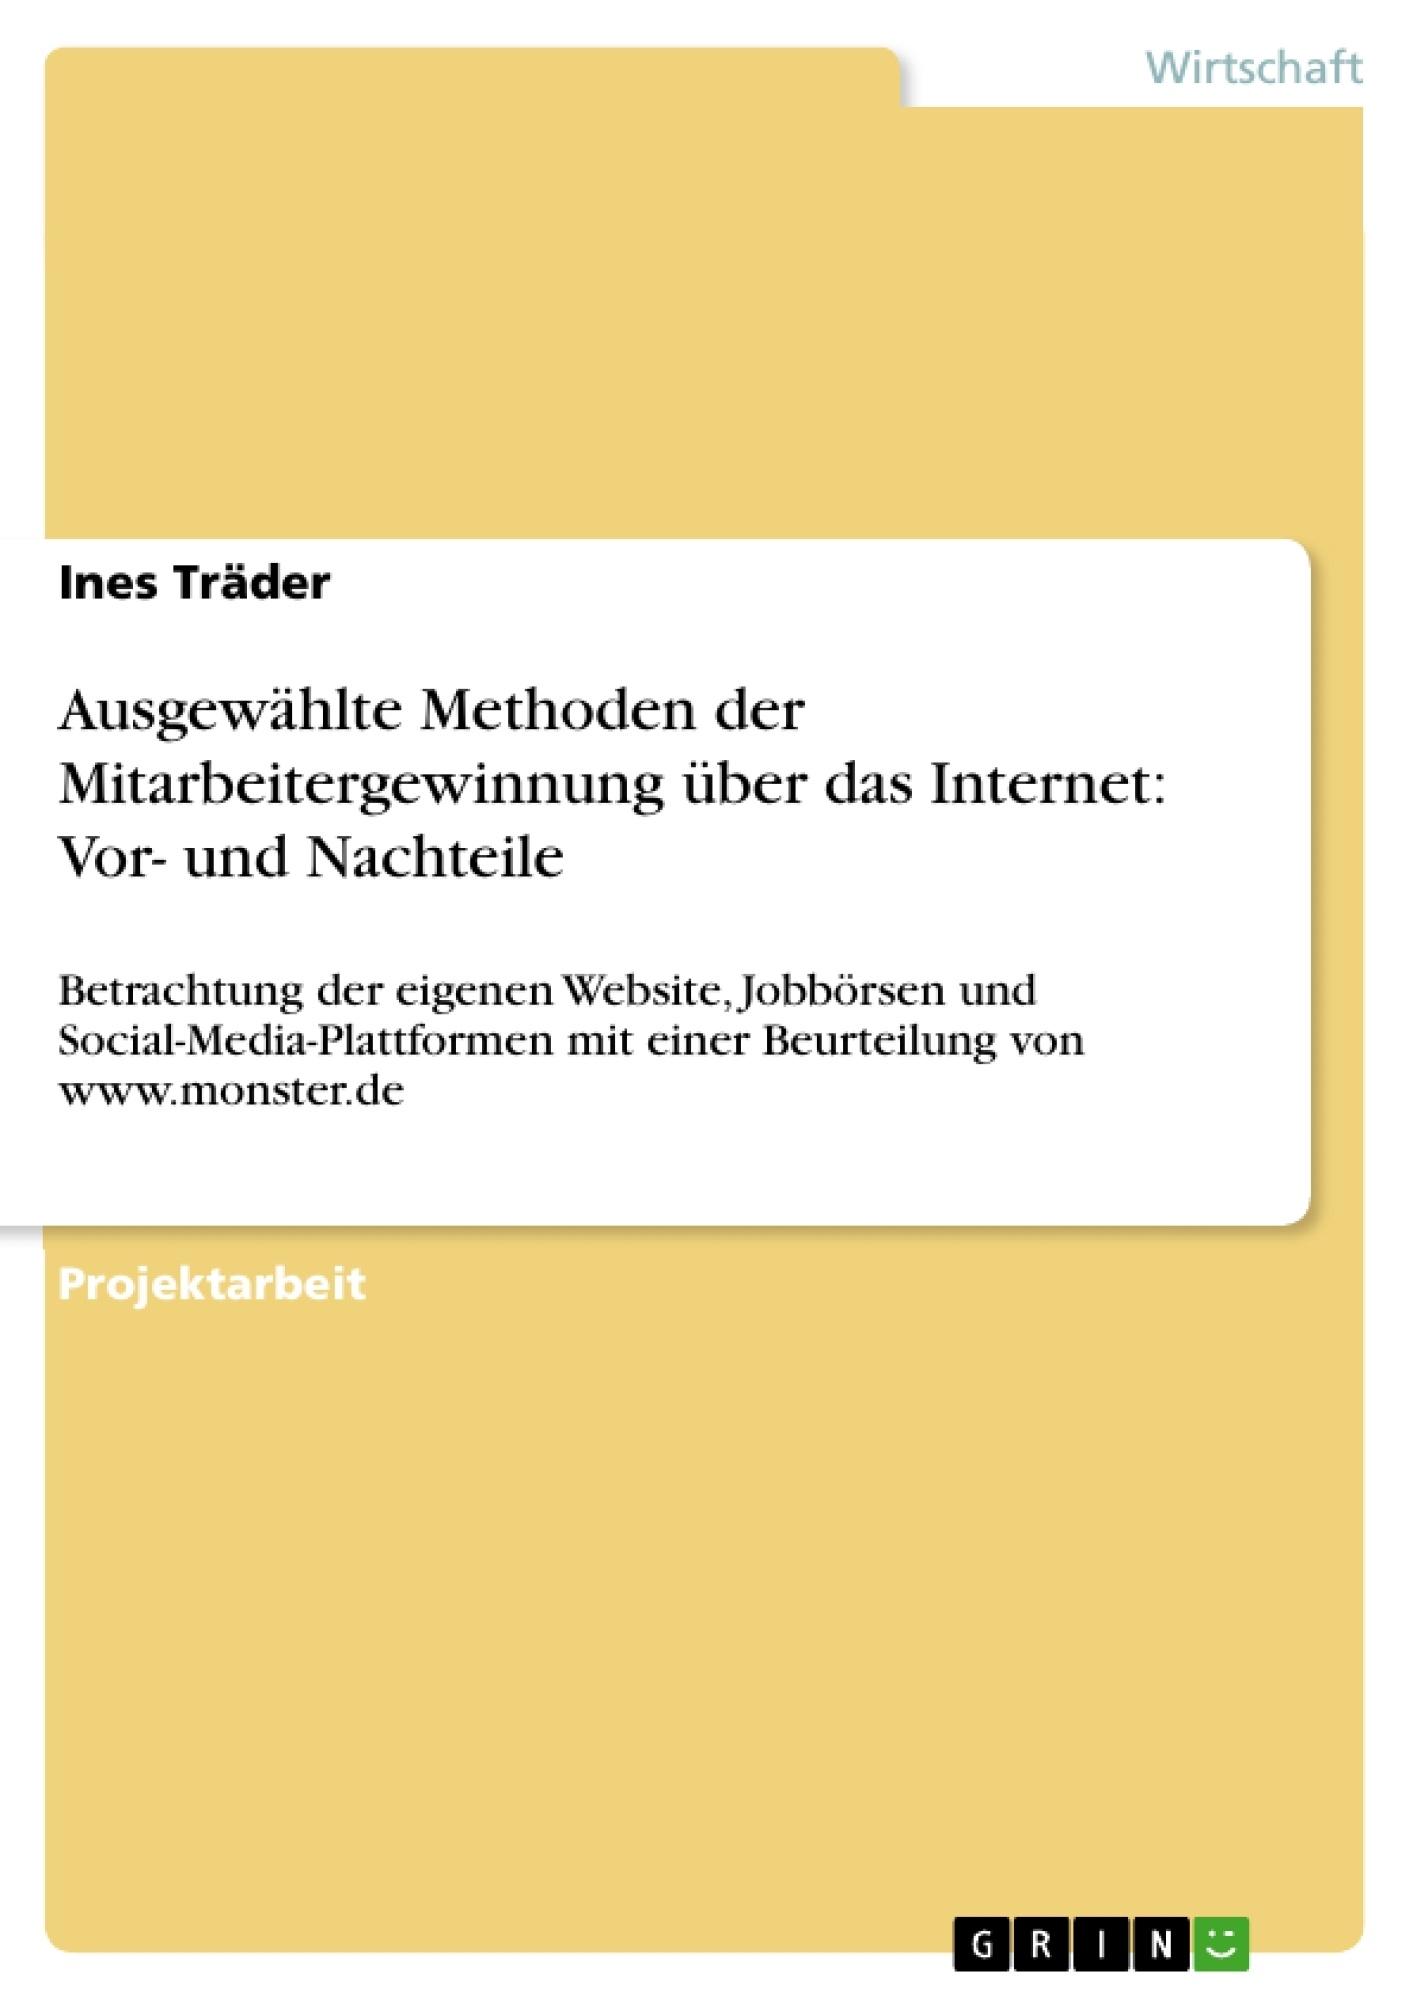 Titel: Ausgewählte Methoden der Mitarbeitergewinnung über das Internet: Vor- und Nachteile